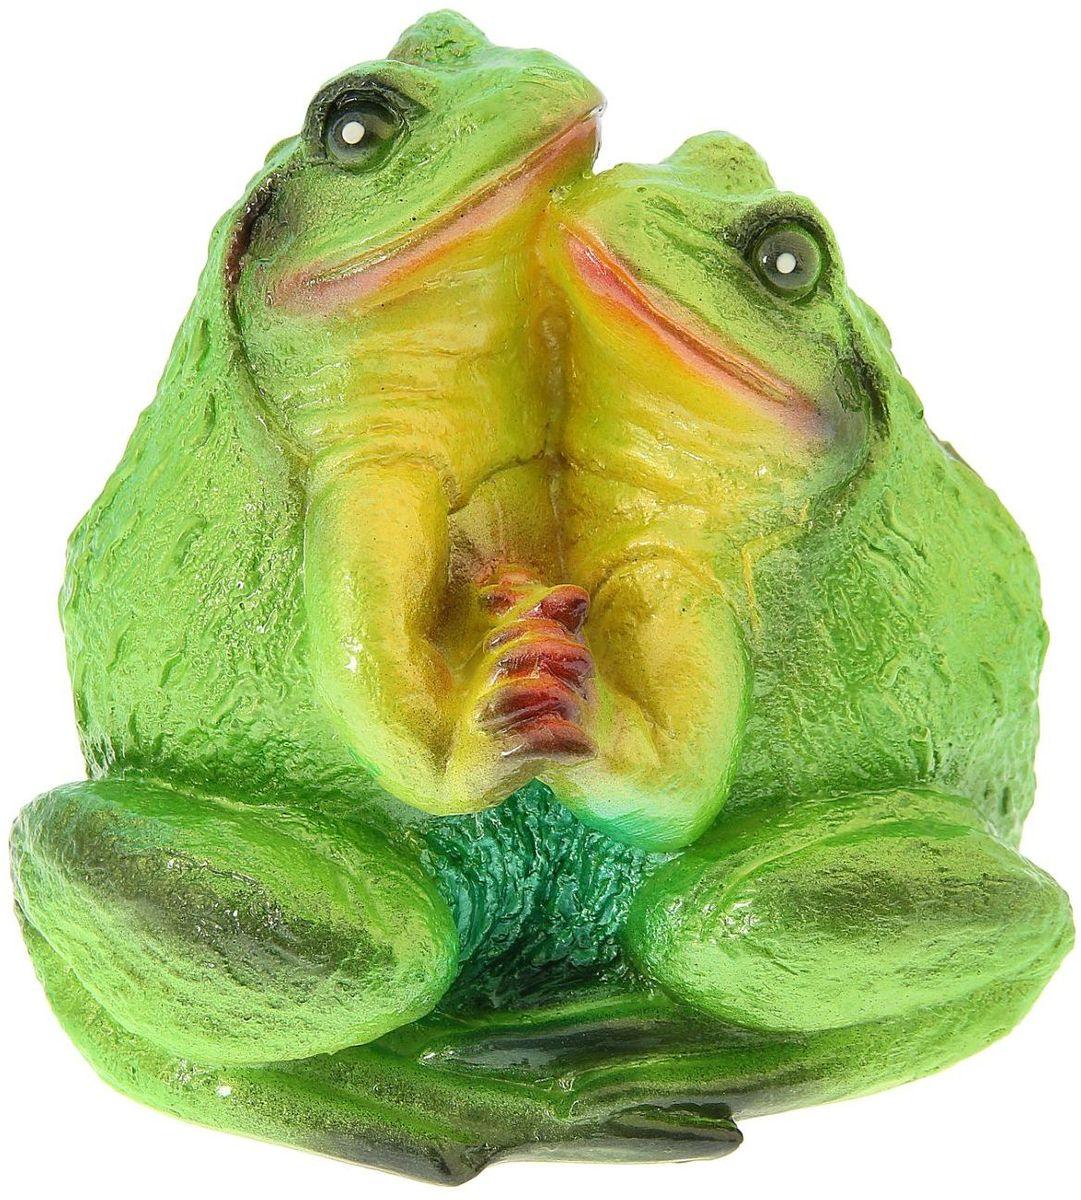 Фигура садовая Premium Gips Пара жаб, 19 х 20 х 20 см1160059Забавные лягушата добавят новые краски в ландшафт сада. Красочная садовая фигура расставит нужные акценты: приманит взор к водоёму или привлечёт внимание к цветочной клумбе.Гармоничнее всего лягушки сморятся в местах своего природного обитания: располагайте их рядом с водой или в траве.Фигура из гипса экологичная, лёгкая и долговечная. Она сделает любимый сад неповторимым.